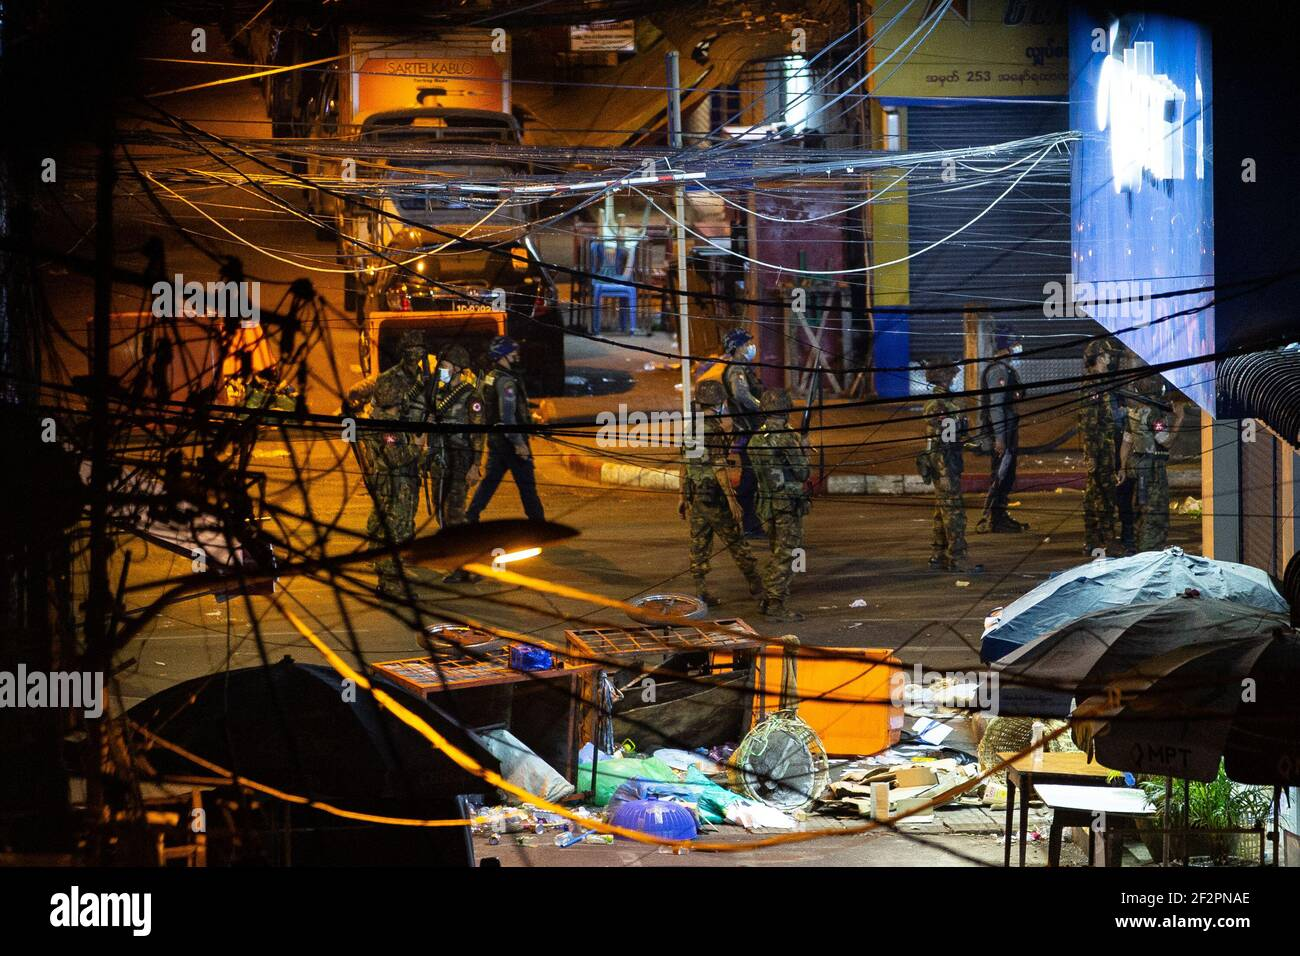 El ejército y la policía de Myanmar vieron a buscar a los residentes y manifestantes escondidos en los edificios después de una manifestación contra el golpe militar.la policía de Myanmar atacó a los manifestantes con balas de goma, municiones vivas, gas lacrimógeno y bombas de aturdimiento en respuesta a los manifestantes contra el golpe militar el viernes. Dos informaron de muertos. El ejército de Myanmar detuvo a la Consejera de Estado de Myanmar, Aung San Suu Kyi, el 01 de febrero de 2021, y declaró el estado de emergencia mientras se apoderaba del poder en el país durante un año después de perder las elecciones contra la Liga Nacional para la Democracia (LND). Foto de stock